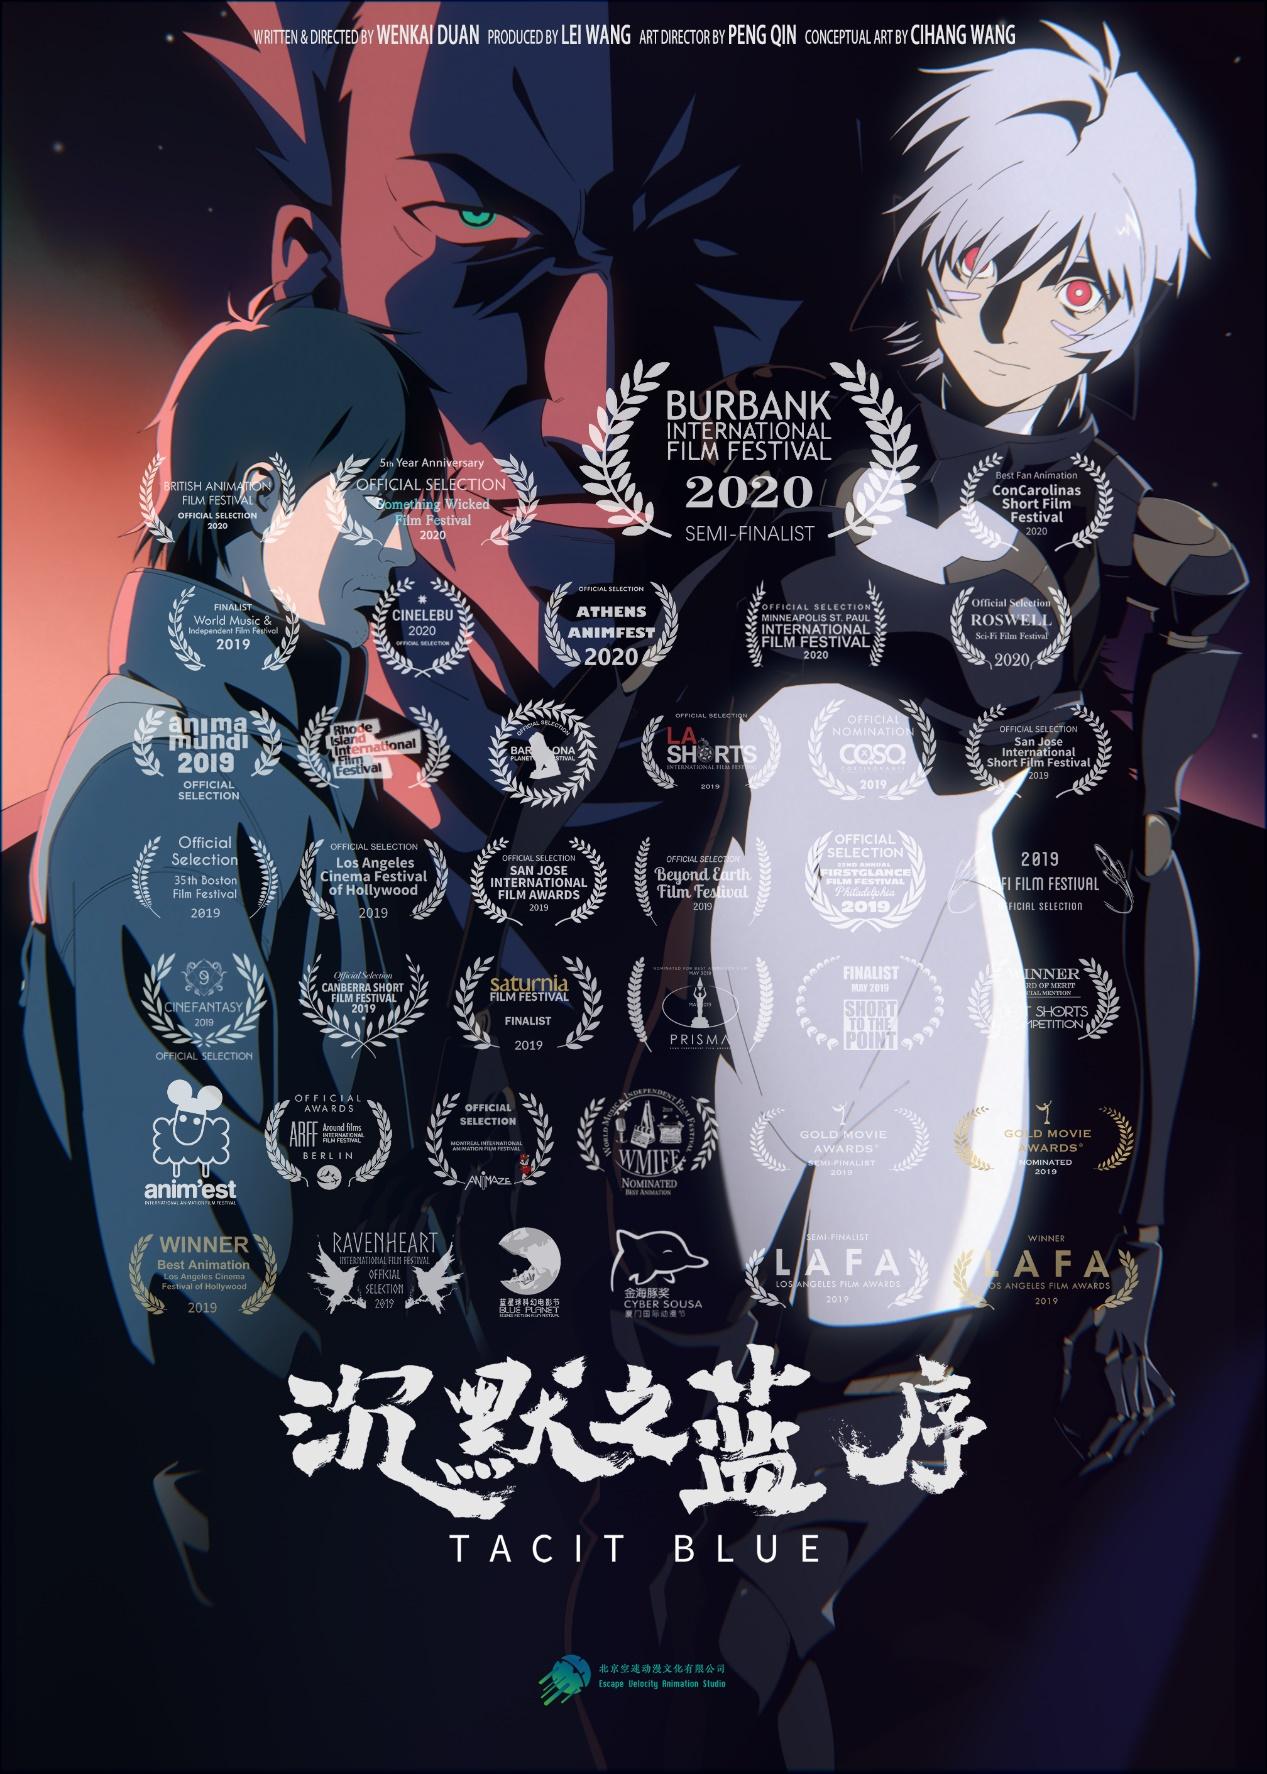 《沉默之蓝:序》获奖海报